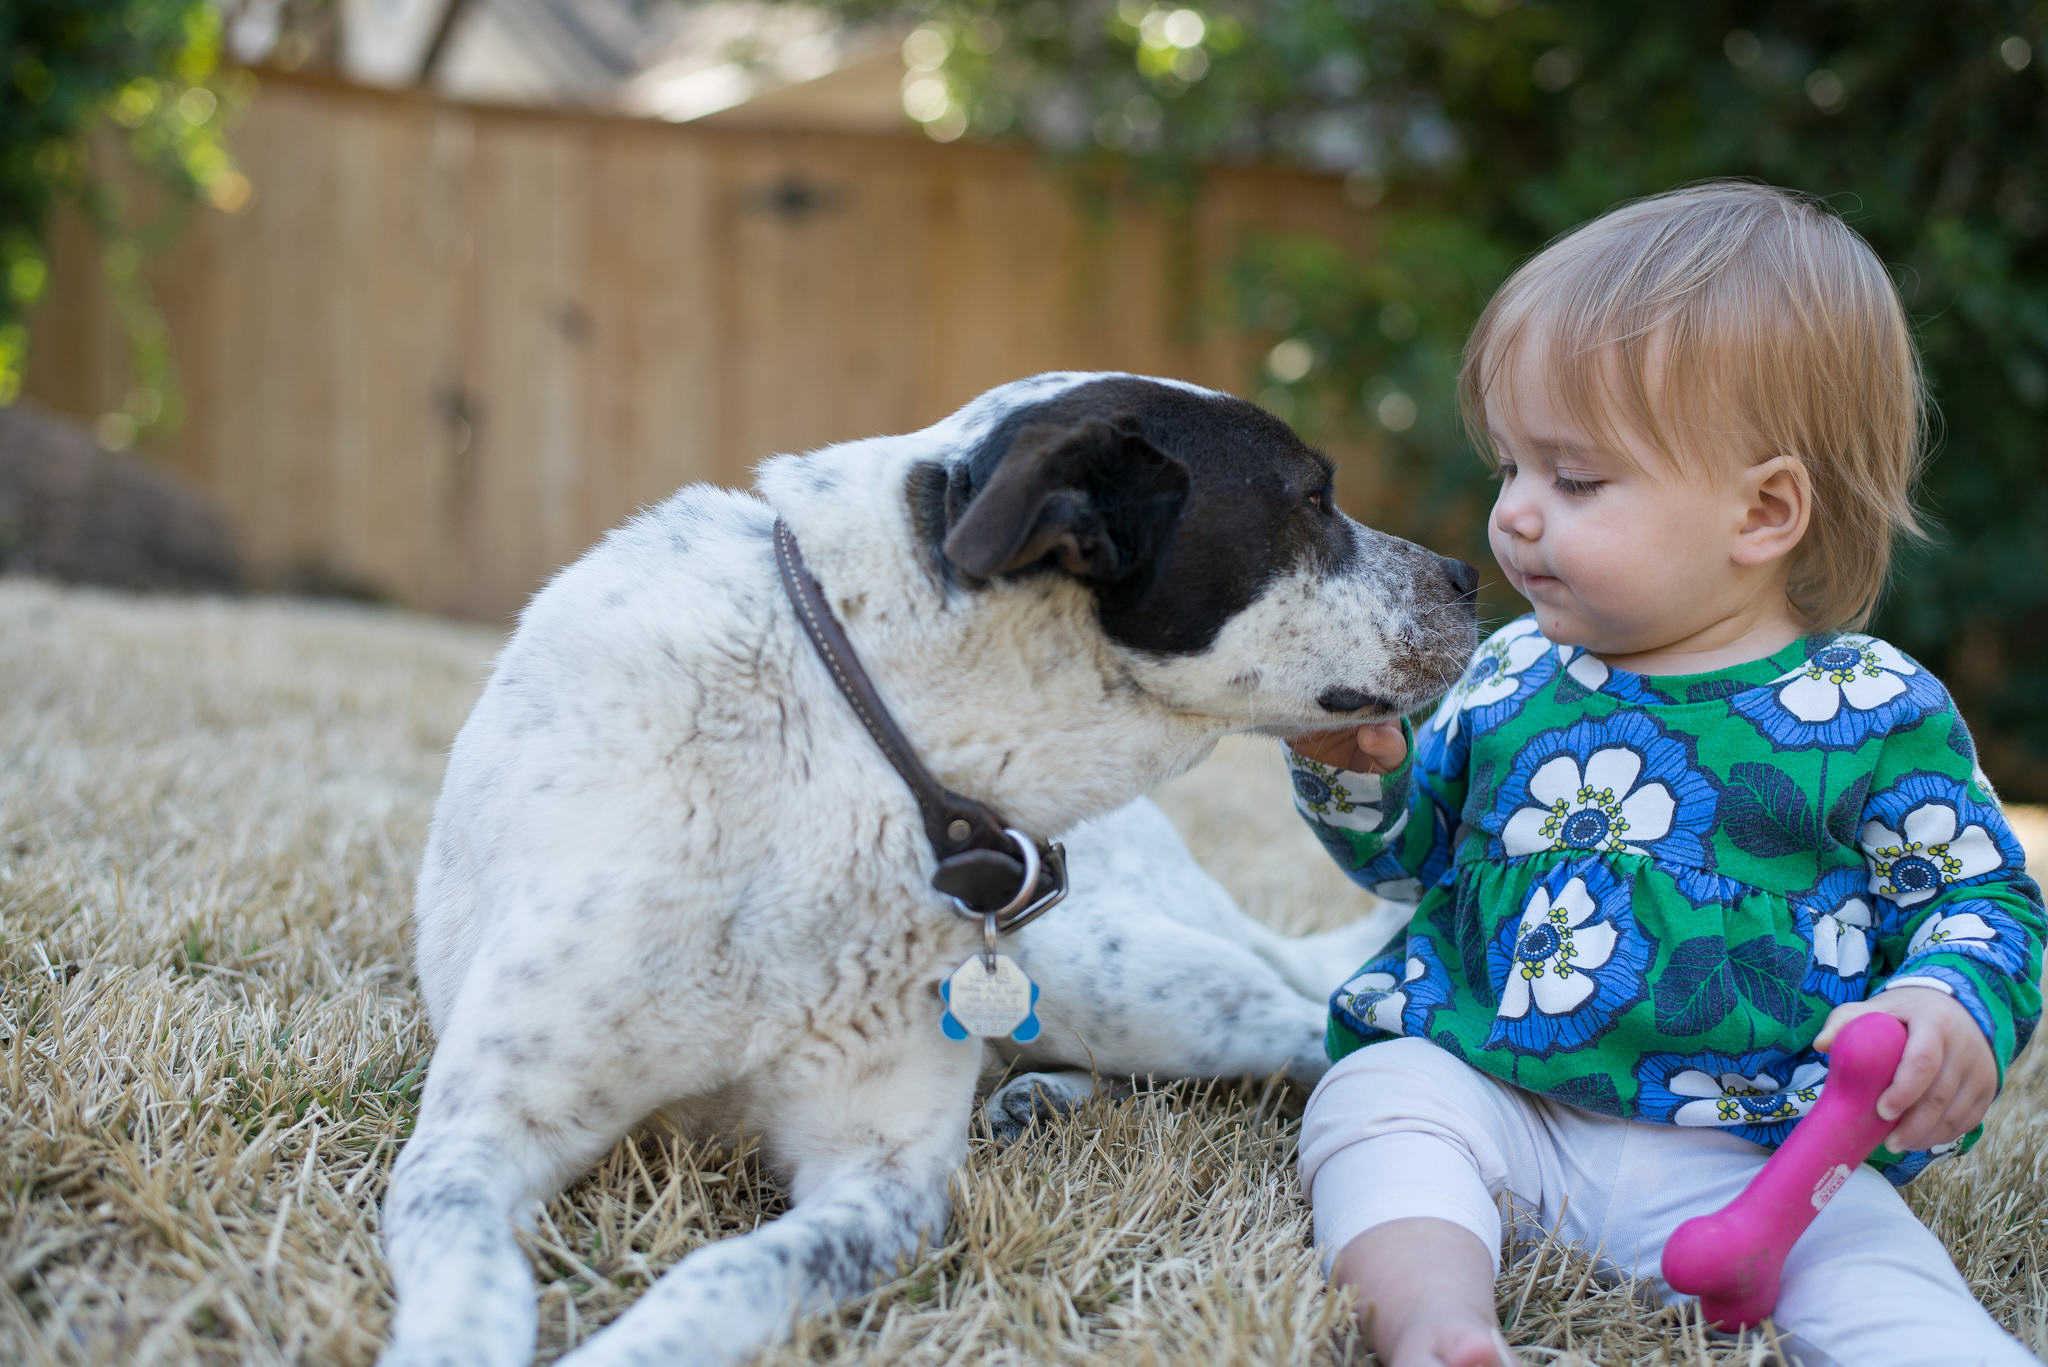 Dziecko i pies - jak uniknąć problemów